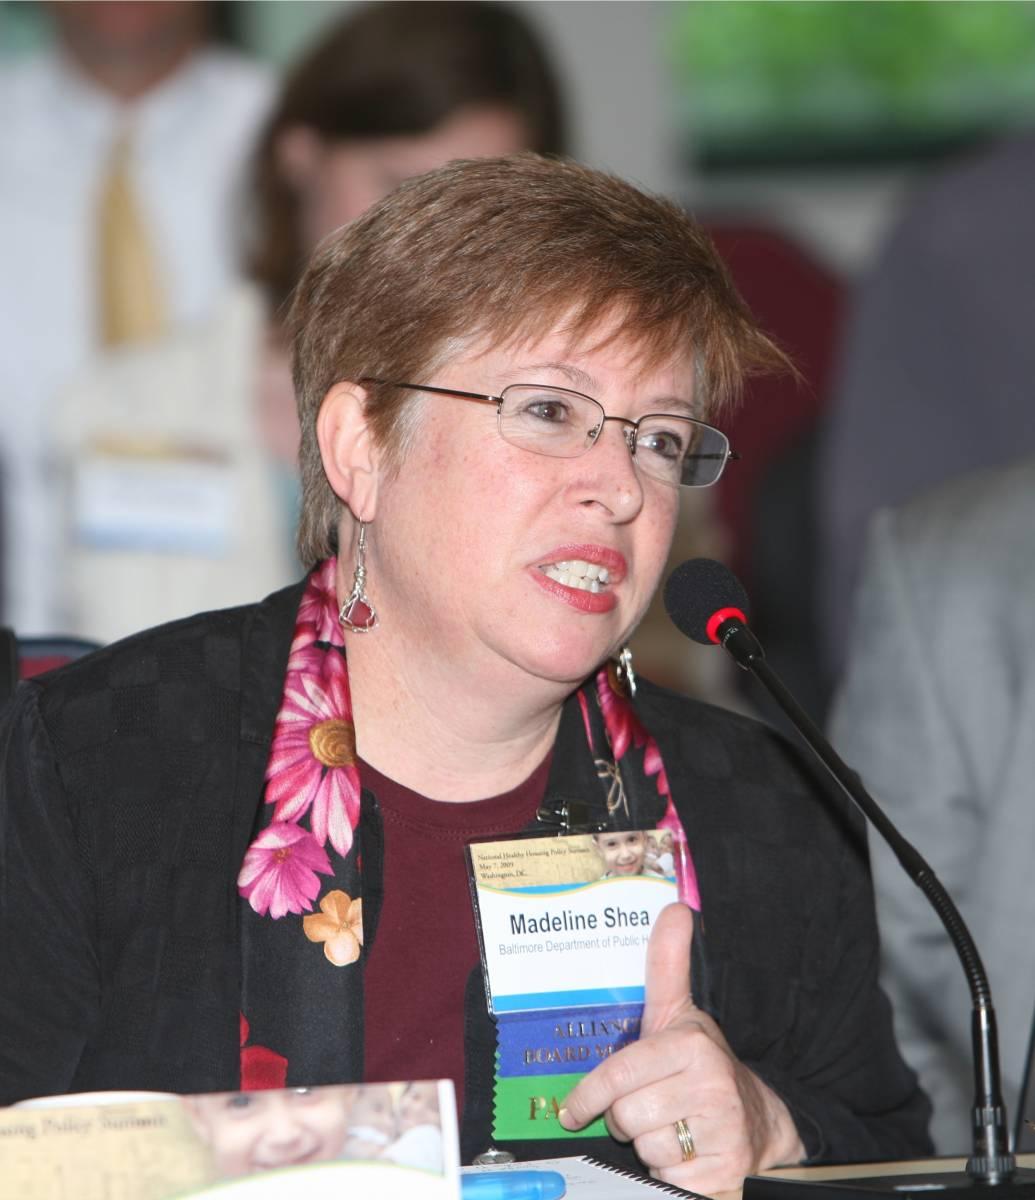 Madeleine Shea